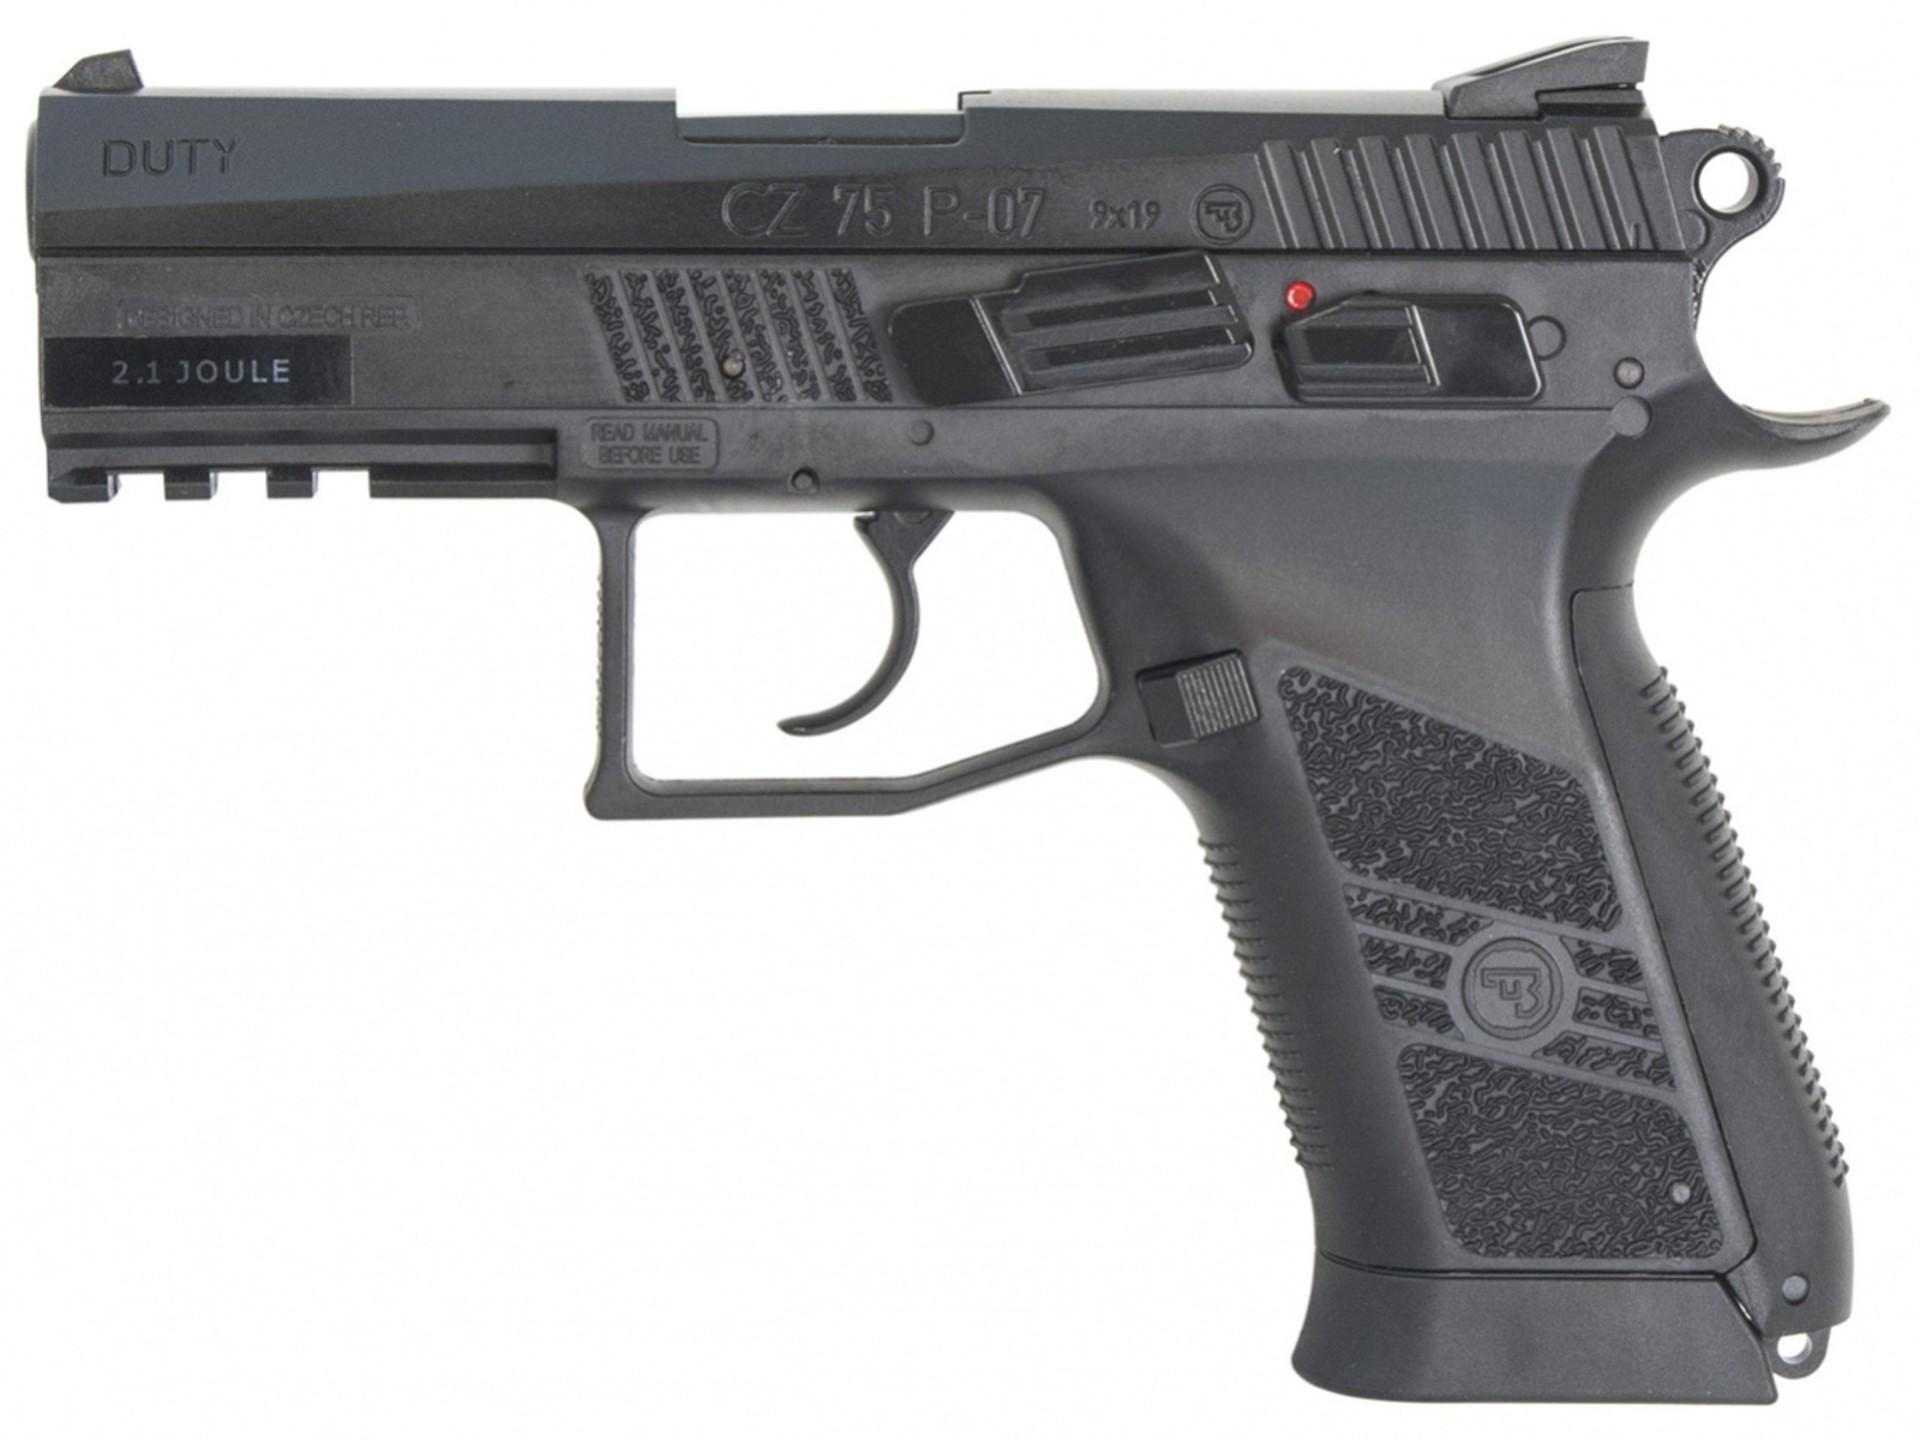 59bc3001e Vzduchová pištol CZ-75 P-07 Duty | Colosus.sk